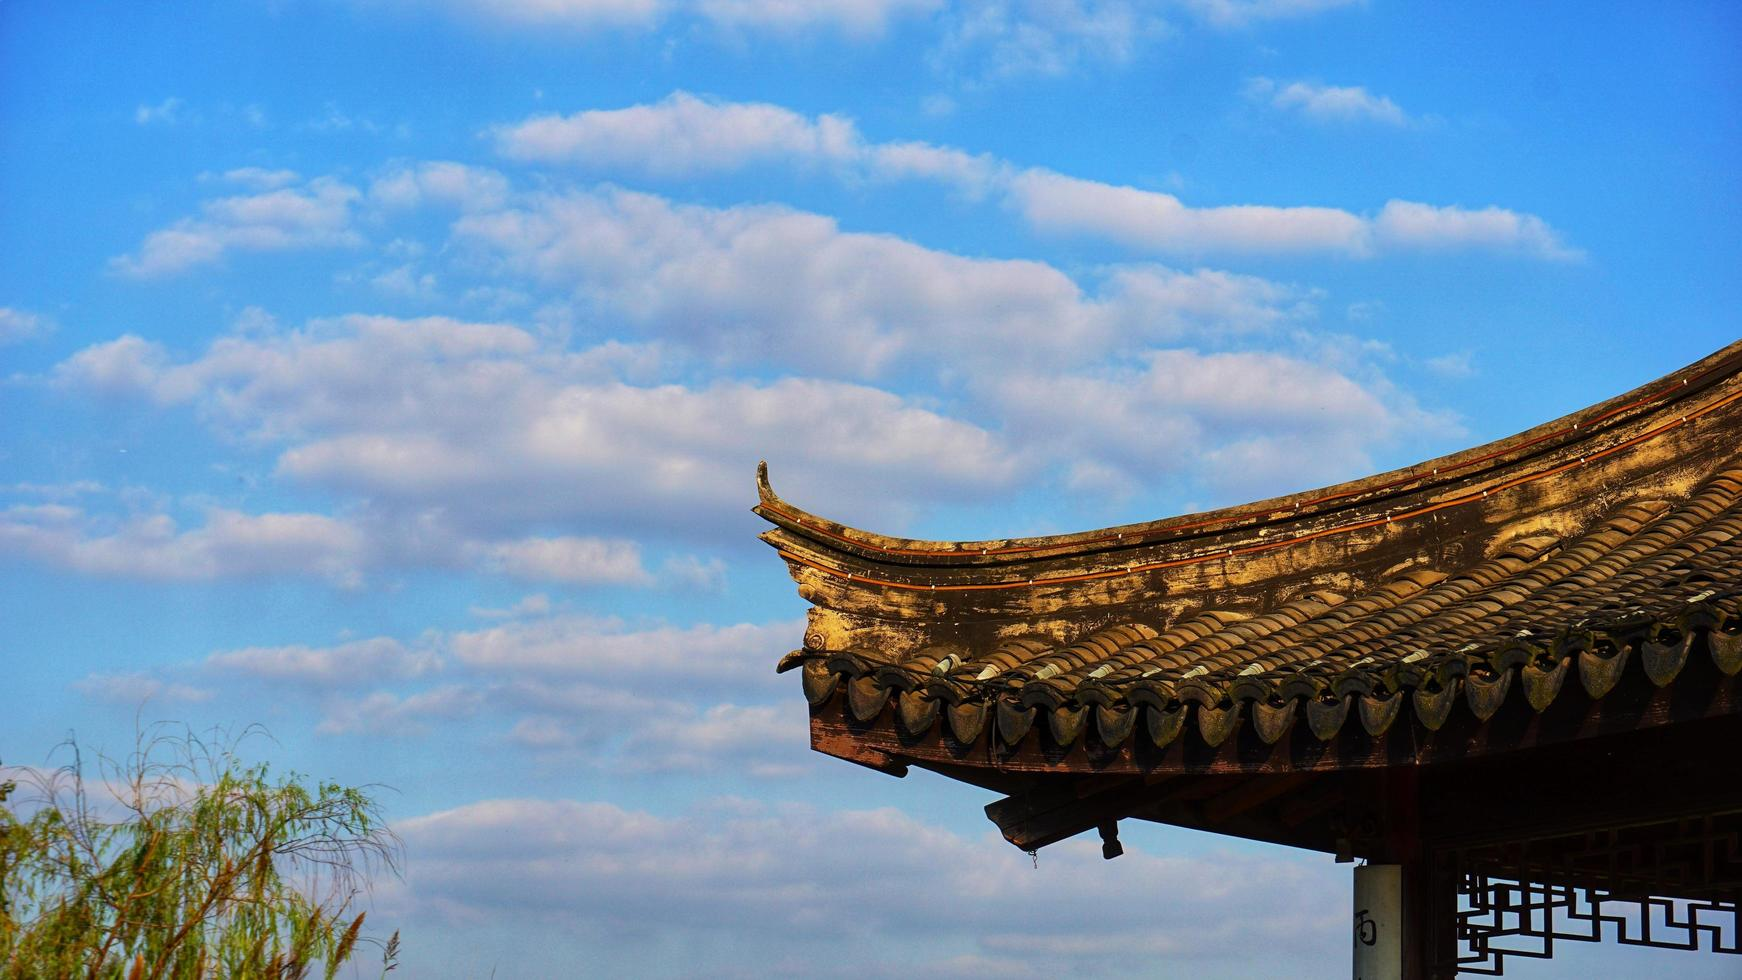 città di changshu, provincia di jiangsu. 25 ottobre 2020 - cielo blu e grondaie foto